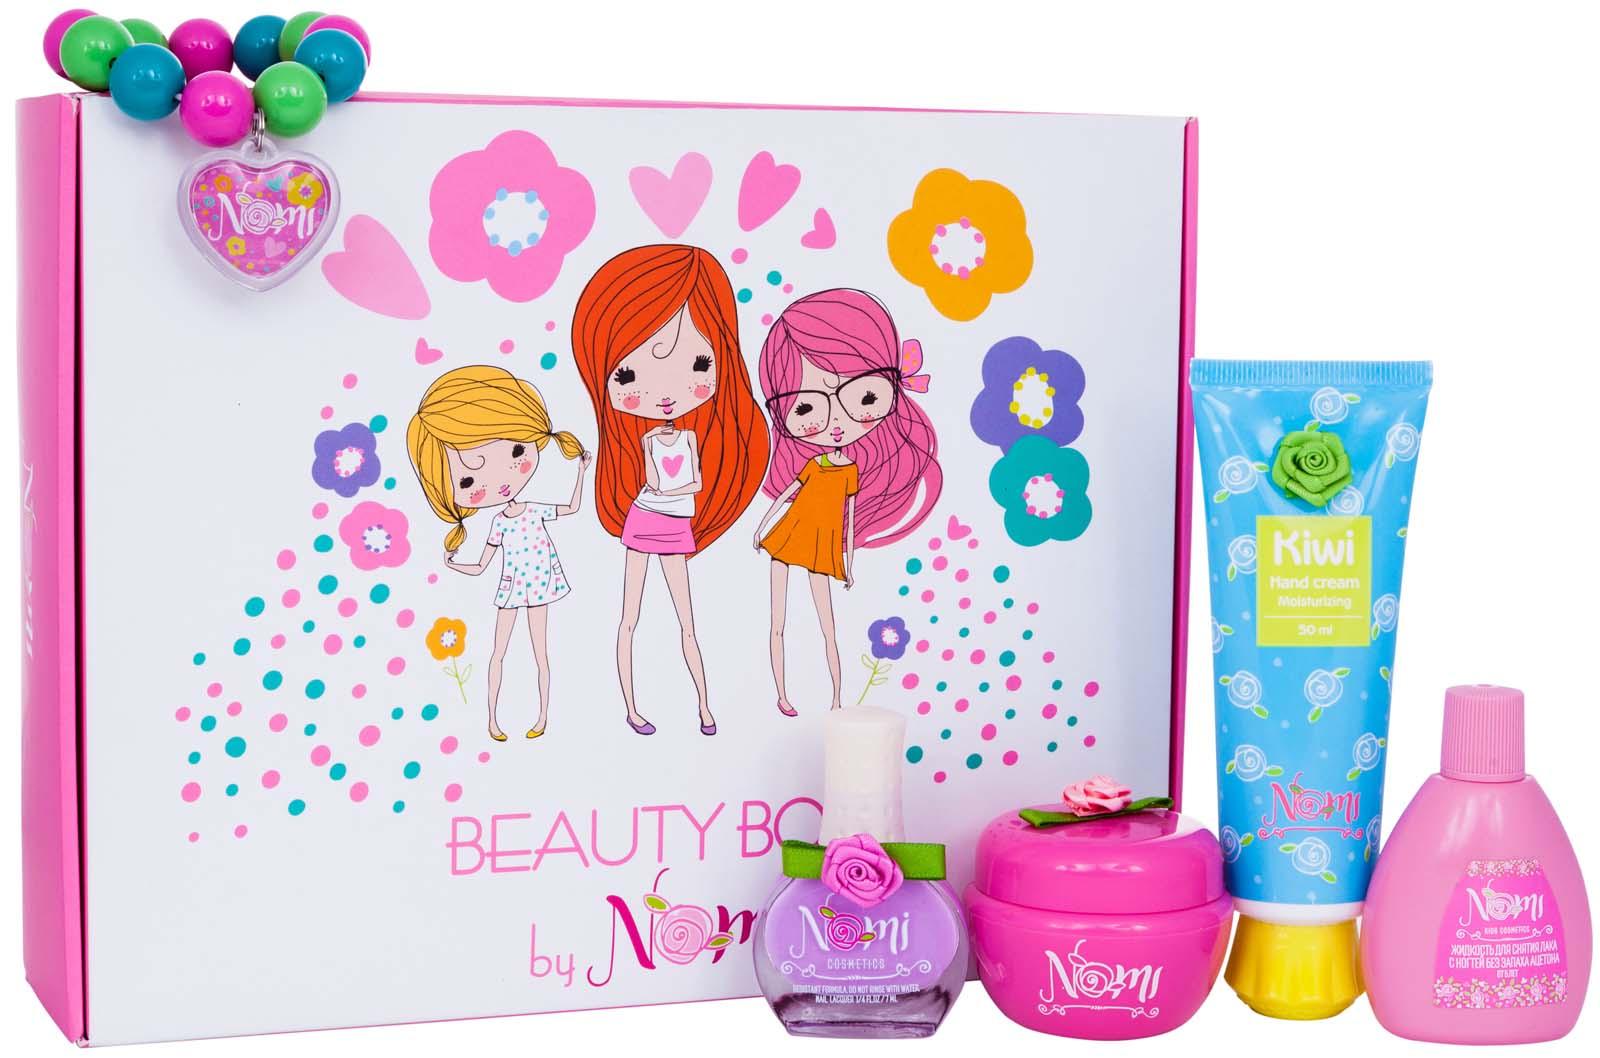 Бьюти бук детская косметика купить купить набор косметики для девочек сердце